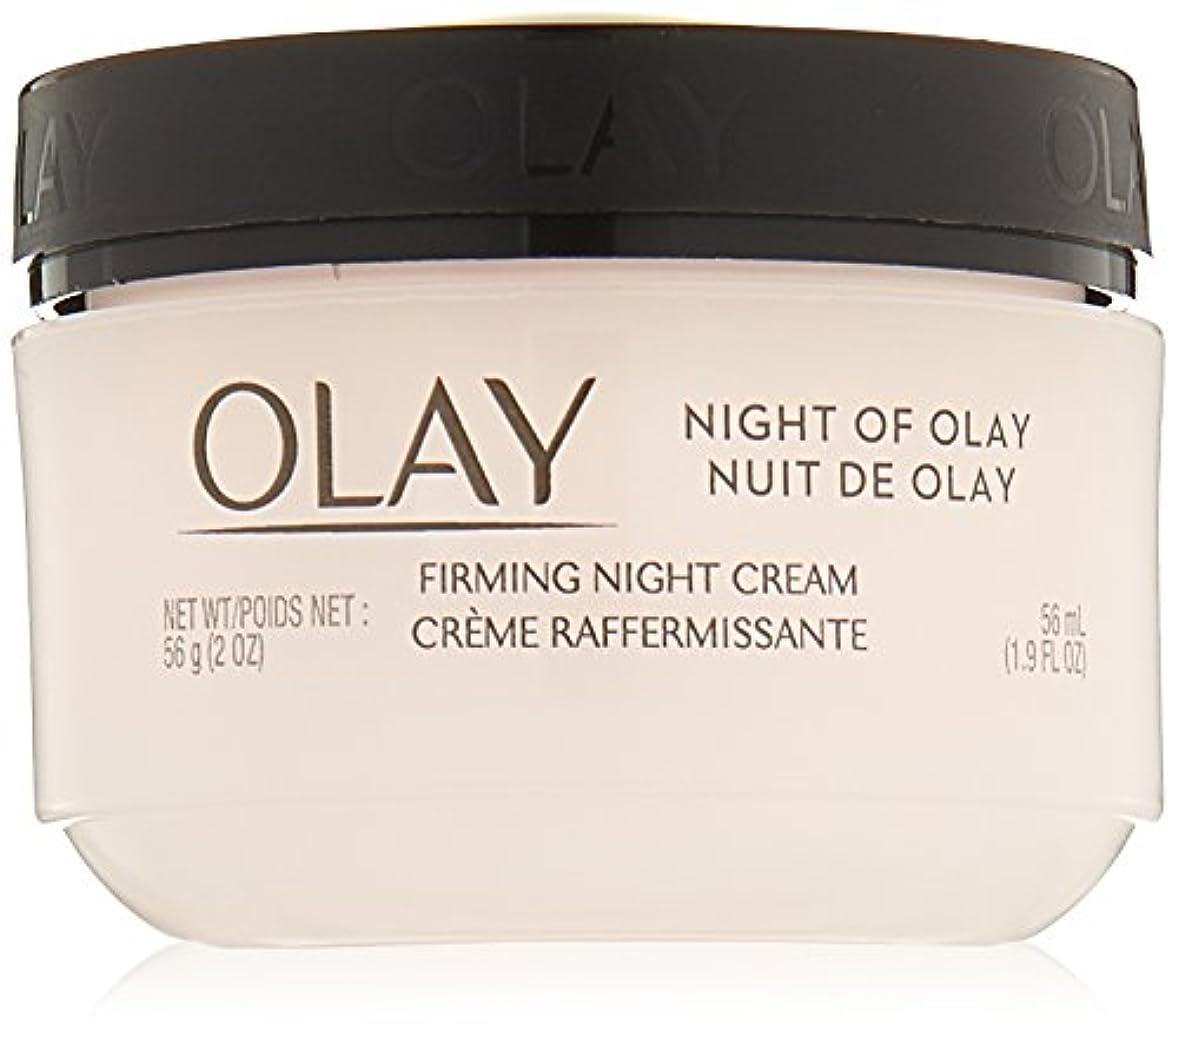 OIL OF OLAY NIGHT CREAM 2 OZ by Olay